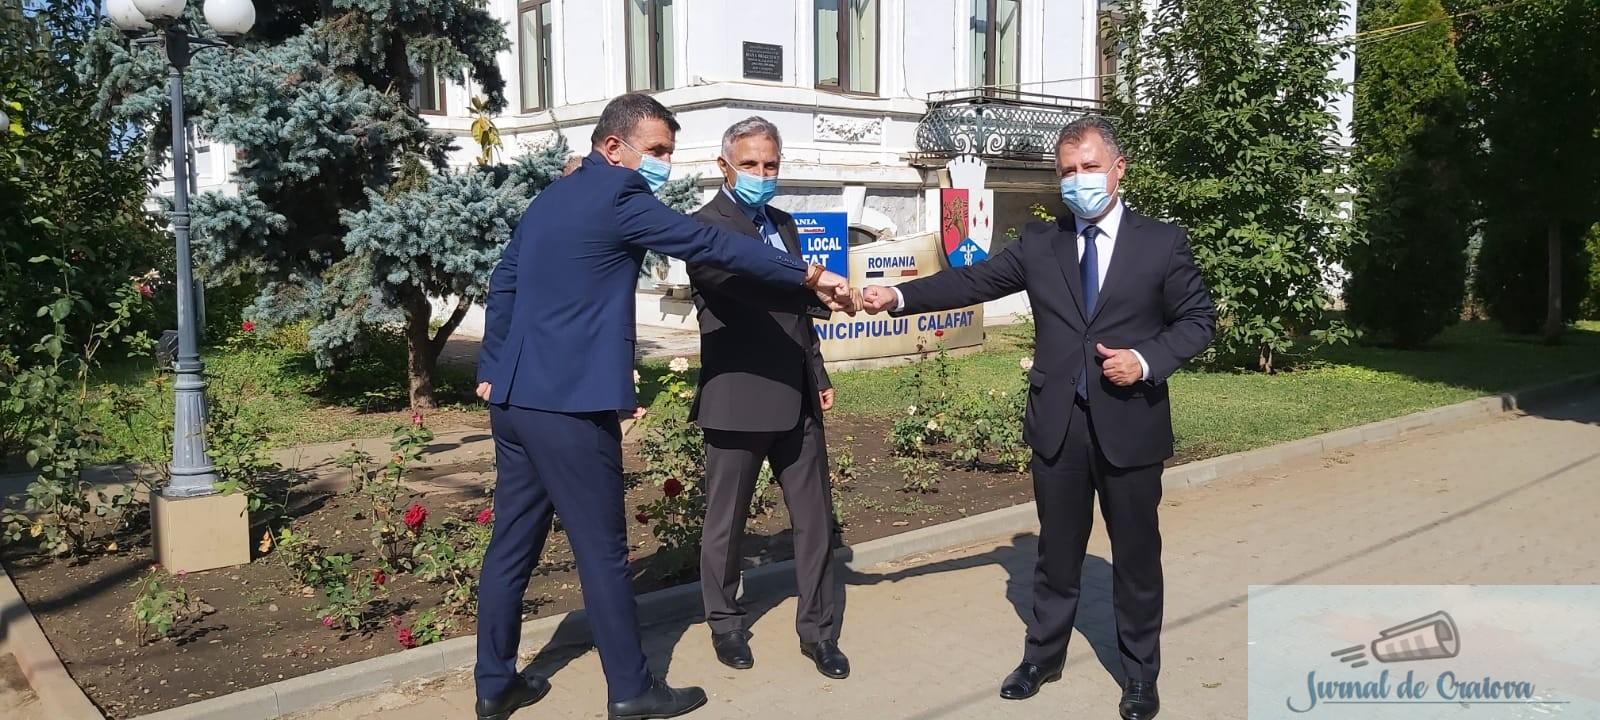 Titlul de Oraș al Independenței, conferit Calafatului la inițiativa lui Dorel Mitulețu 4